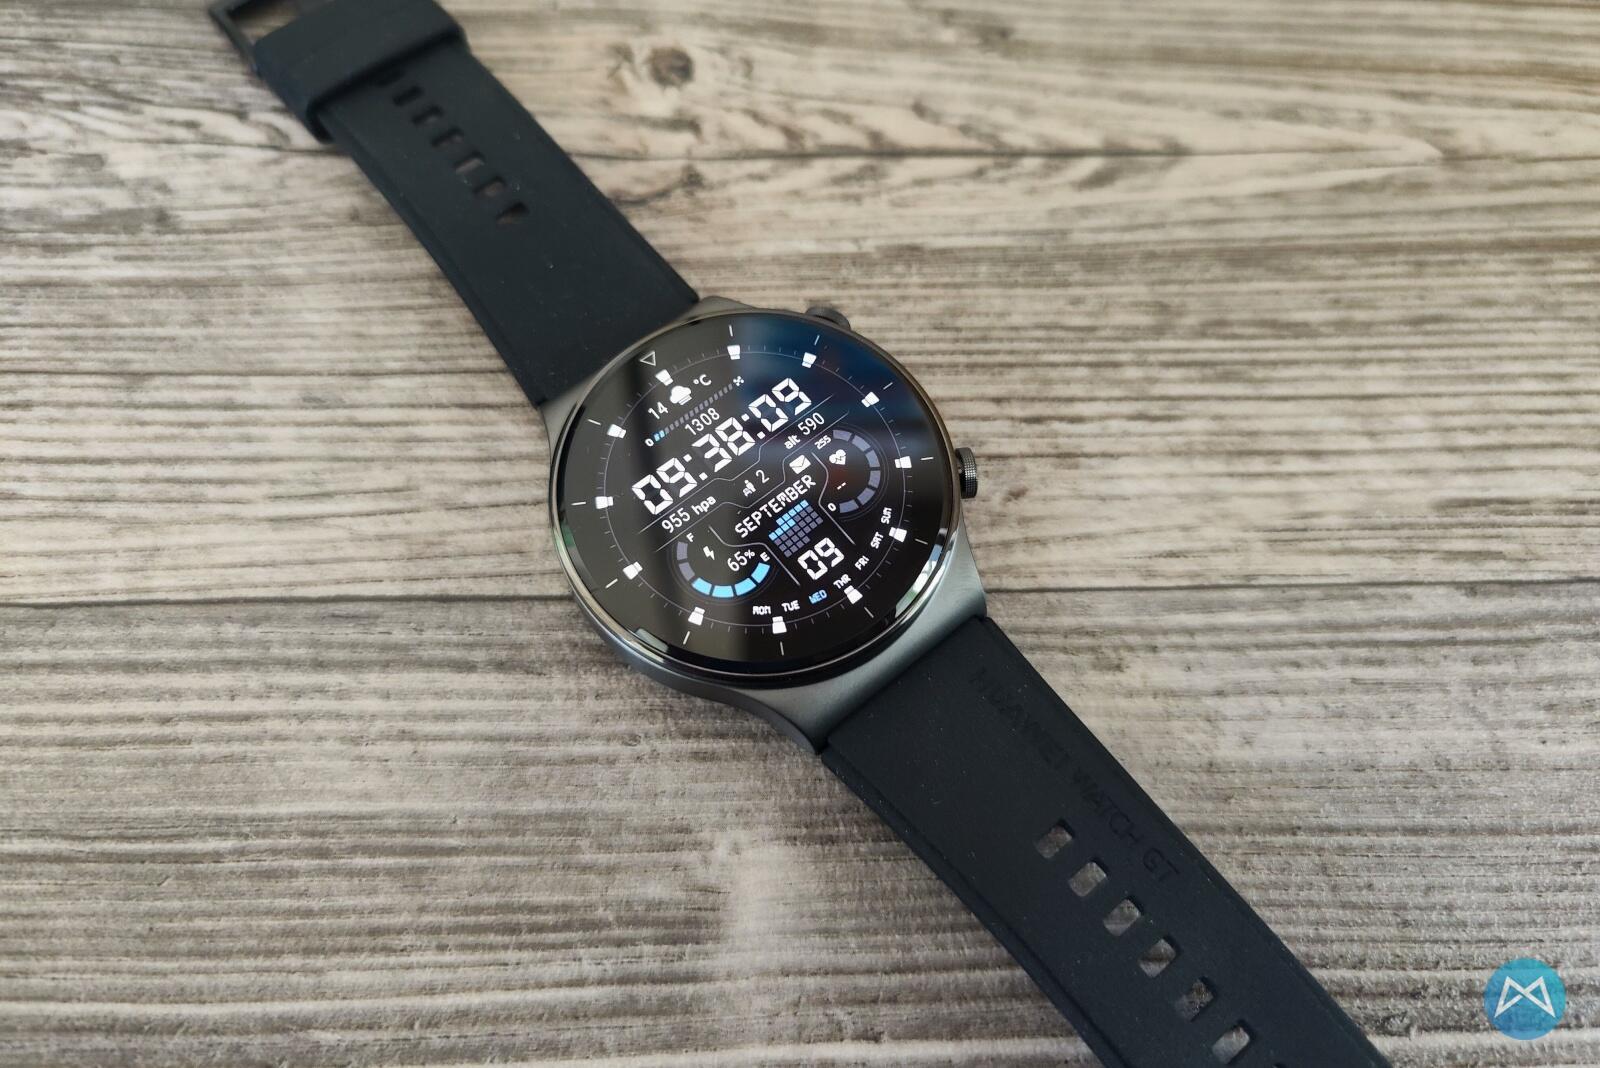 Huawei Watch Gt 2 Pro Headerfoto Mit Watchface